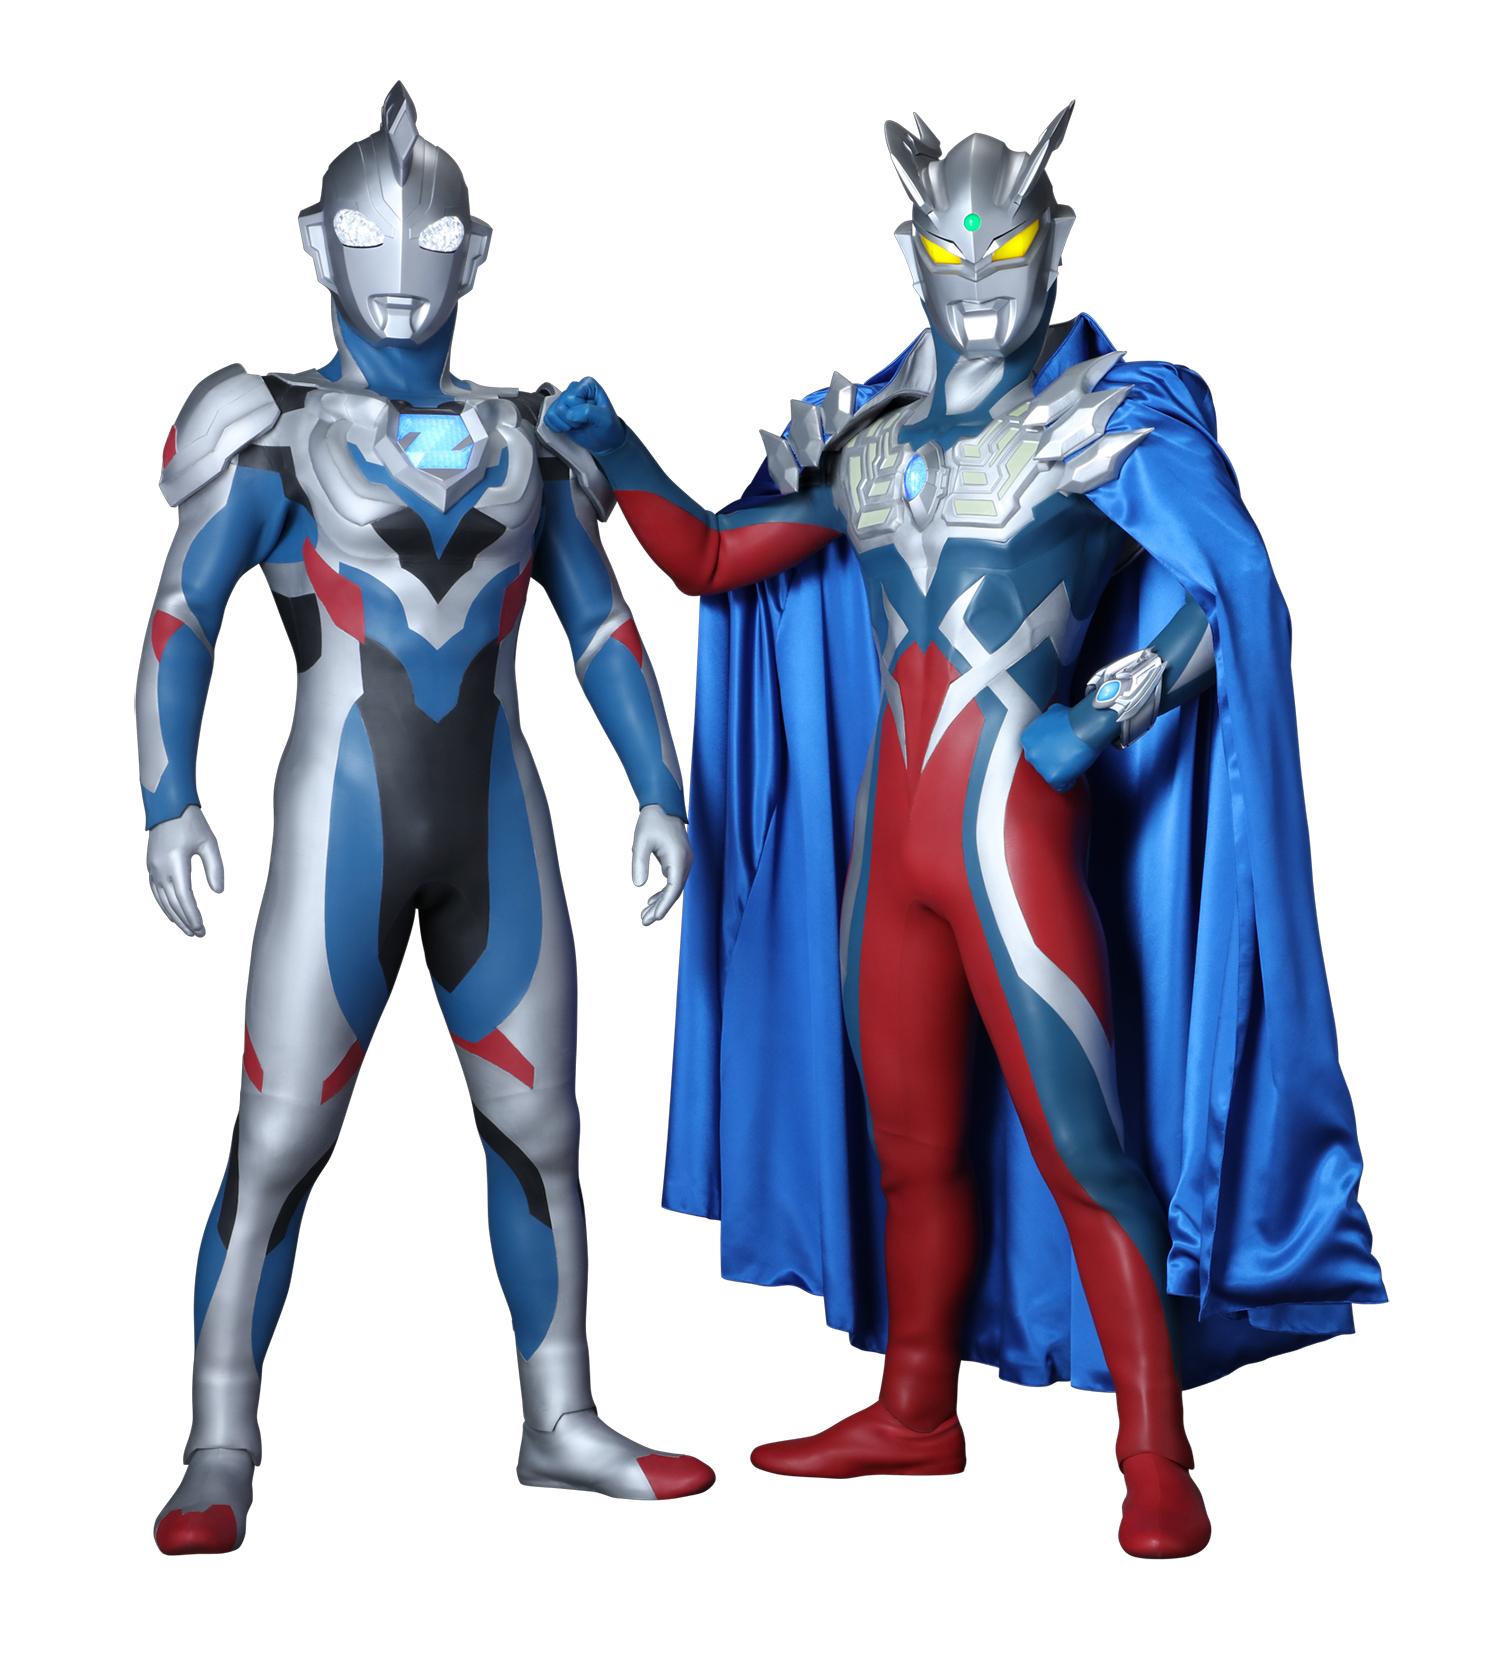 ウルトラマンゼット(左)、ウルトラマンゼロ(右) (c)円谷プロ (c)ウルトラマンZ製作委員会・テレビ東京